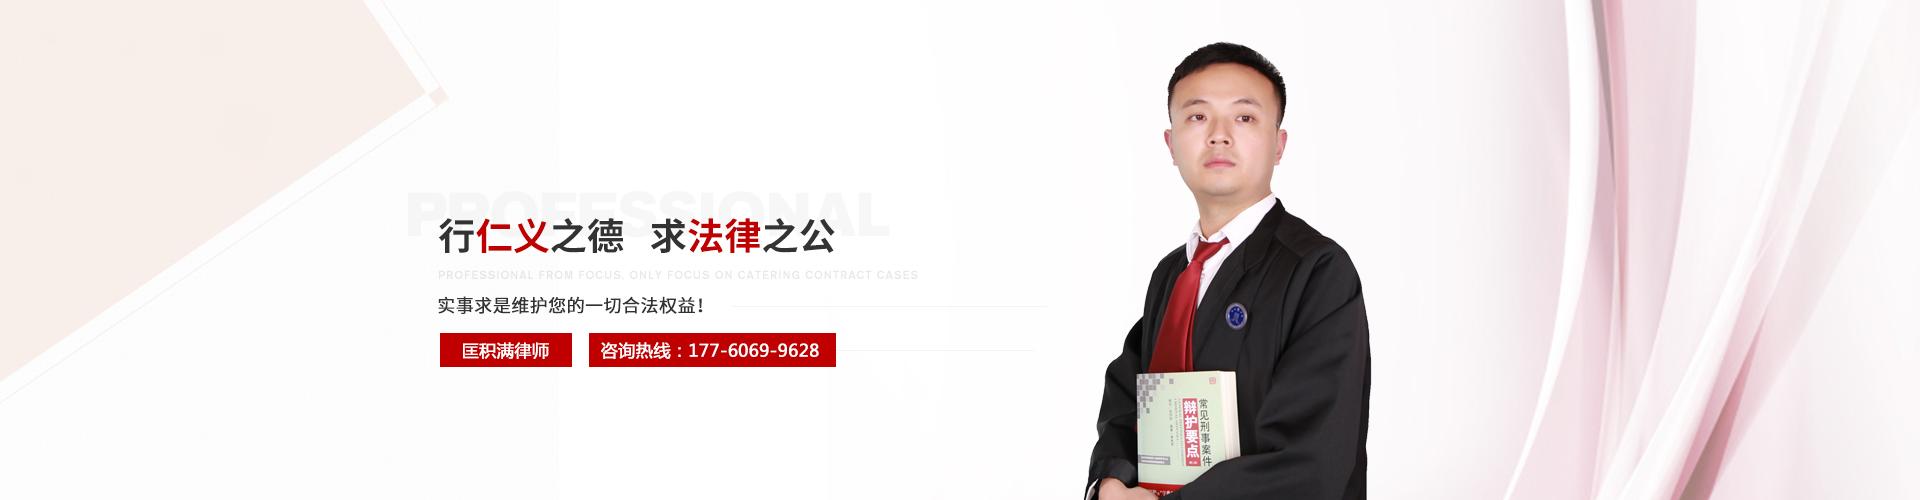 四川匡积满律师